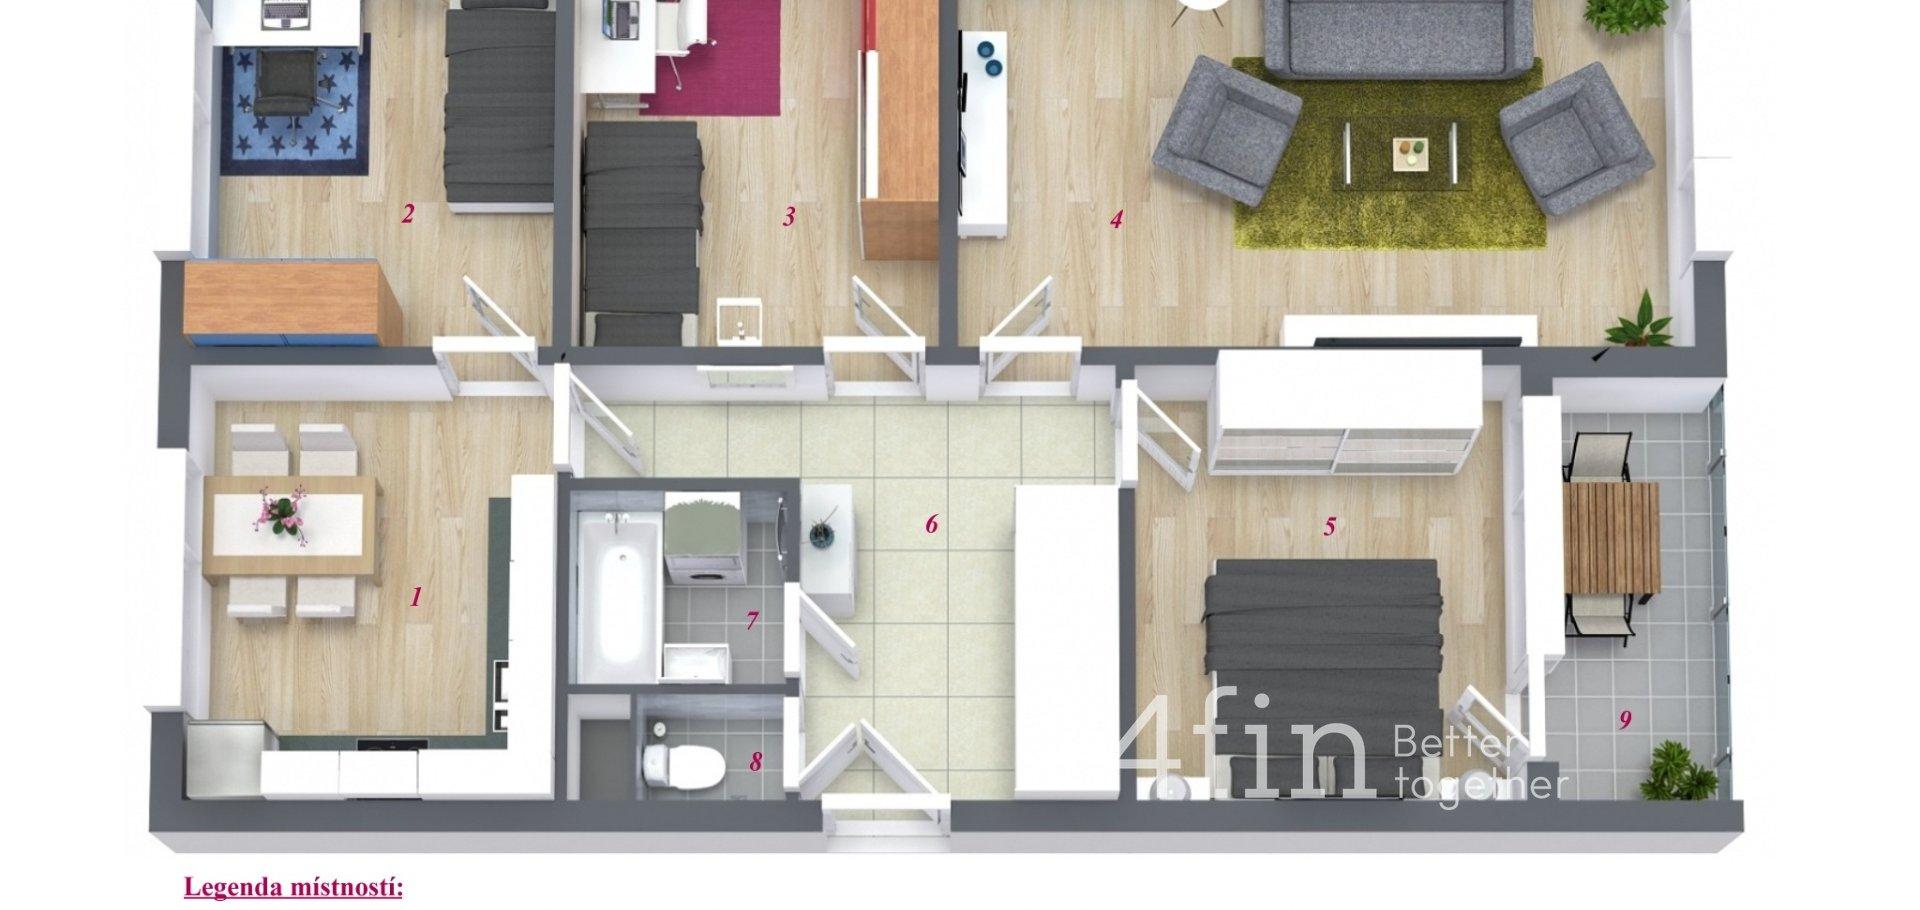 Prodej bytu 4+1 s lodžií, 88 m2, Plzeň - Bolevec